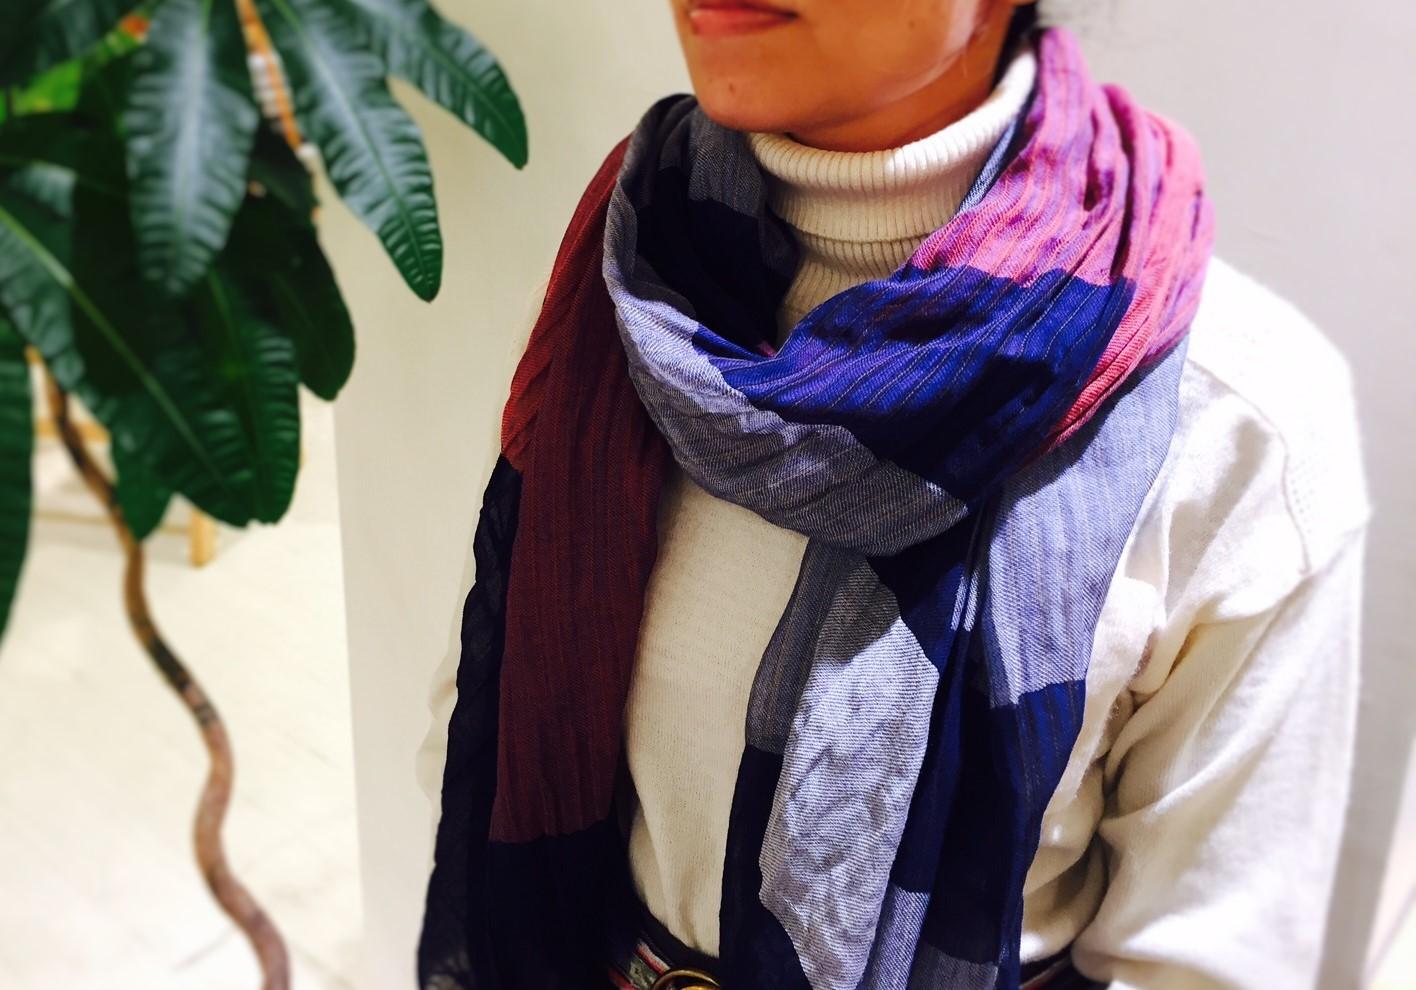 秋冬の首元に。播州織ストール 新色入荷のお知らせです^^_e0295731_15080997.jpg